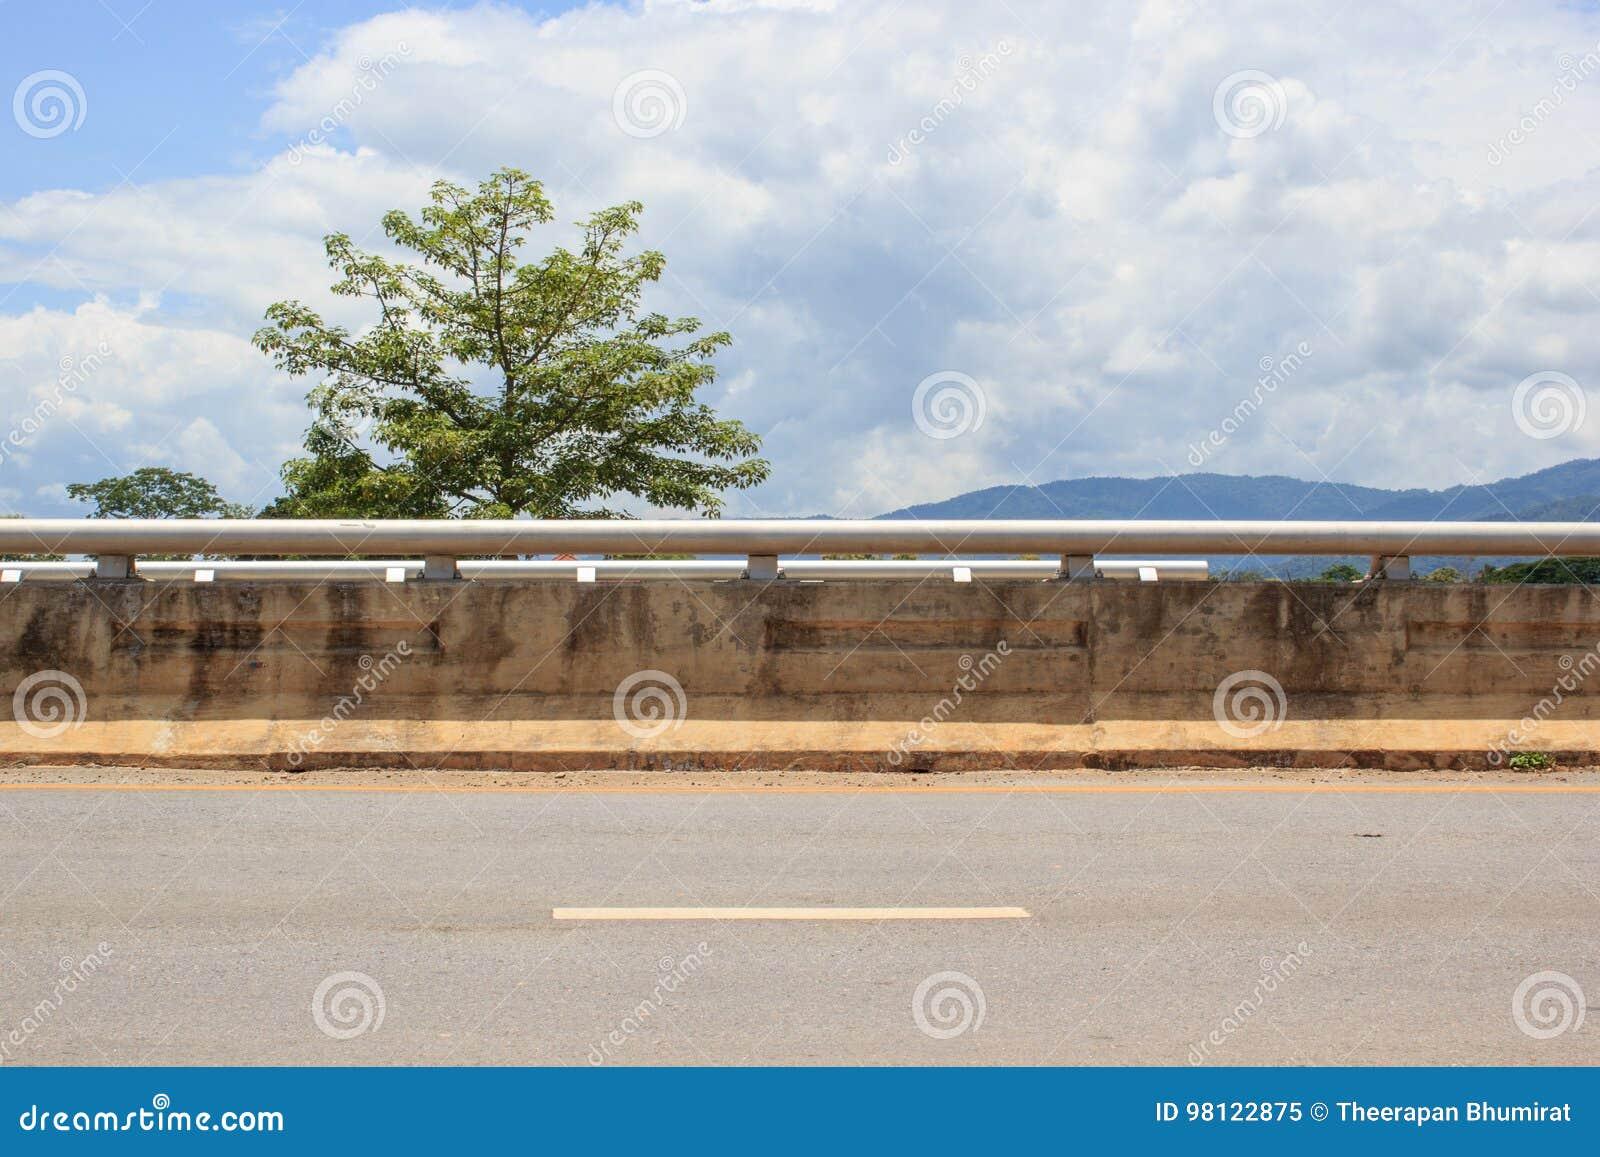 Sida av vägen med trädet